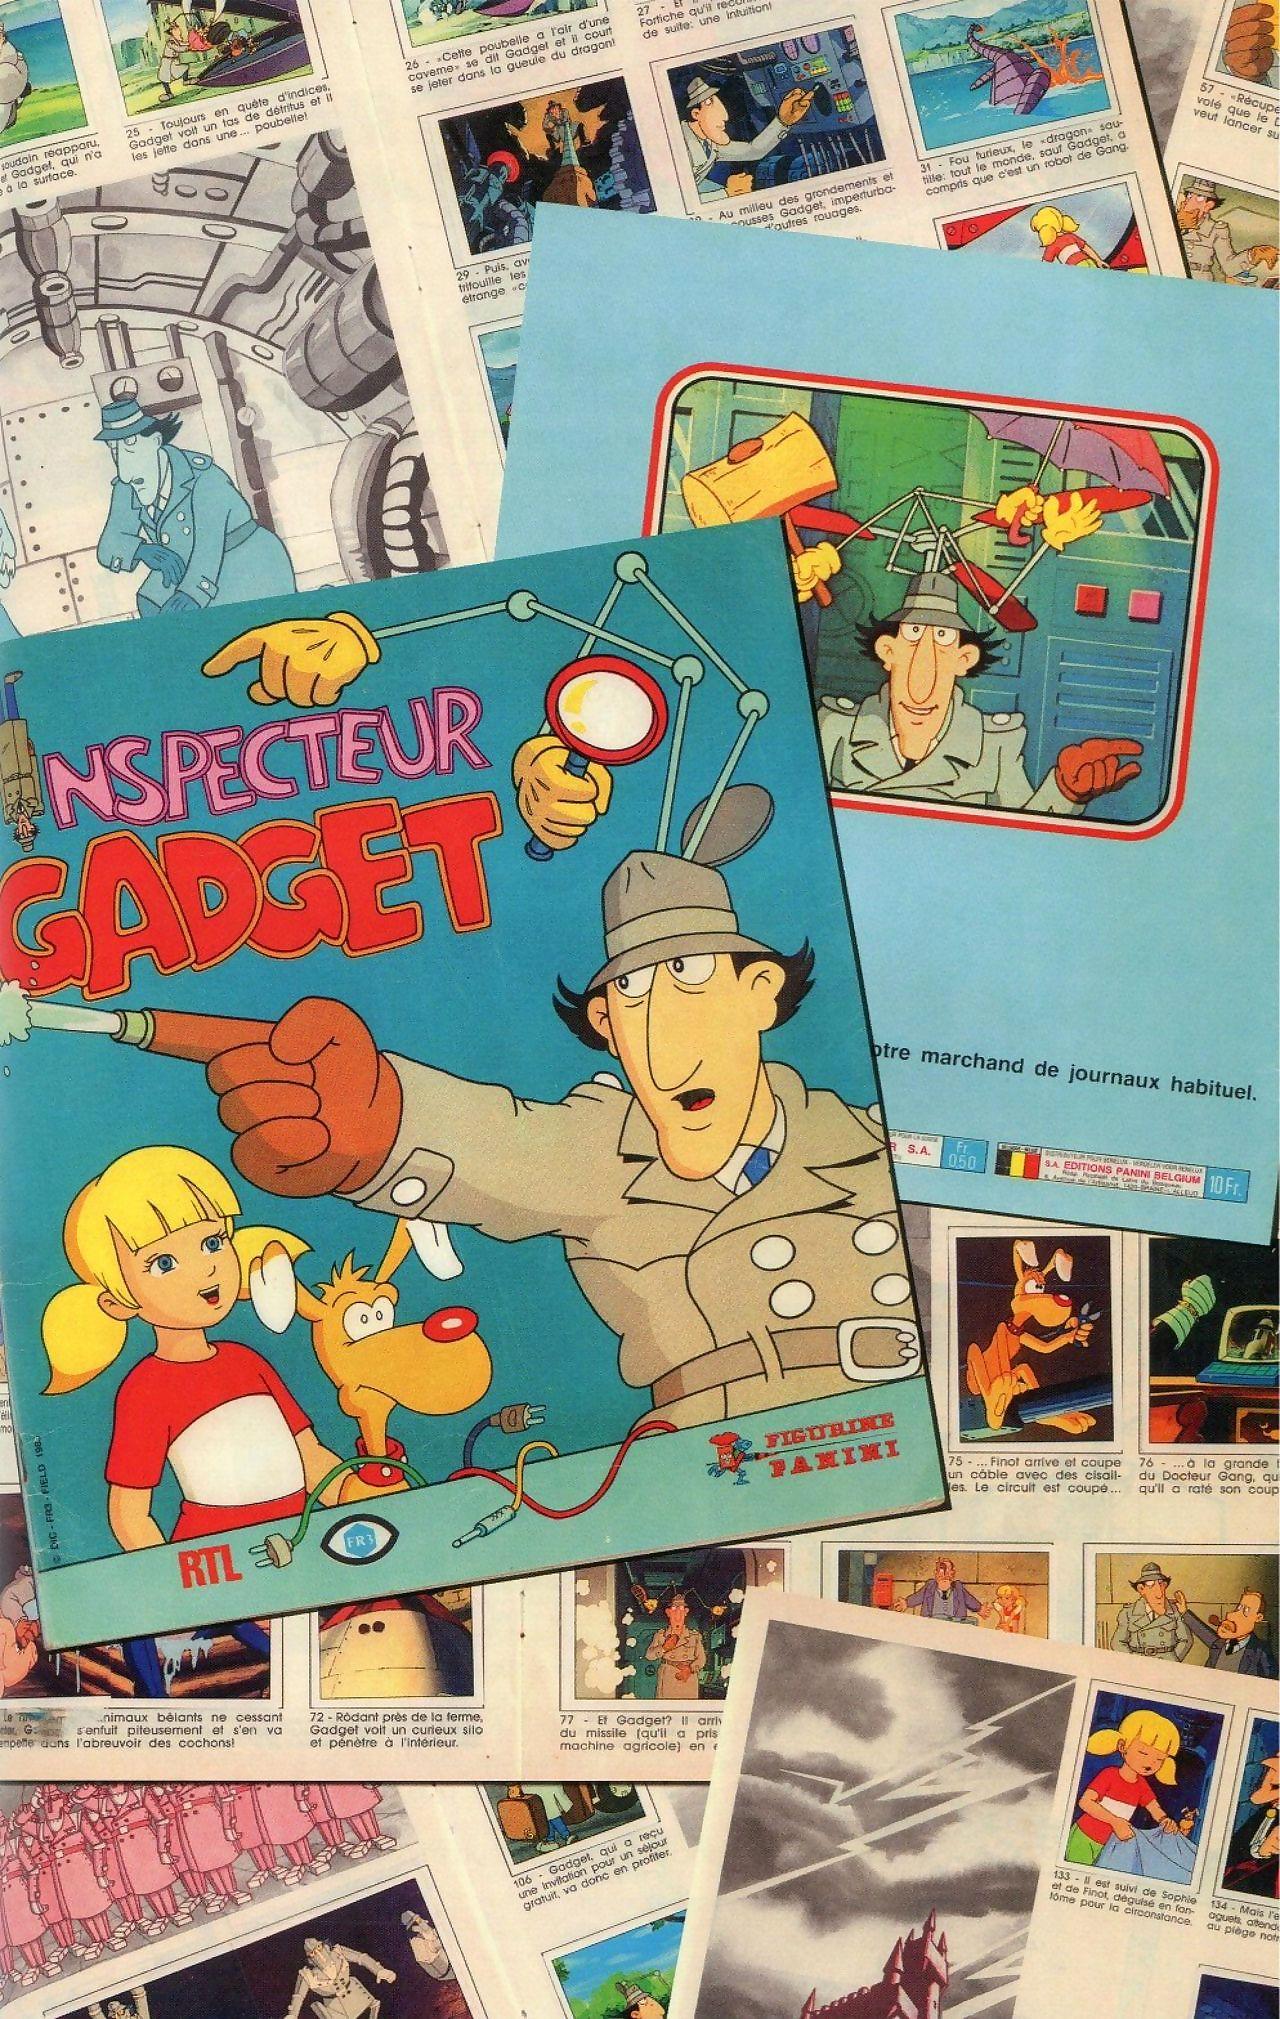 Inspector Gear Artbook - attaching 11